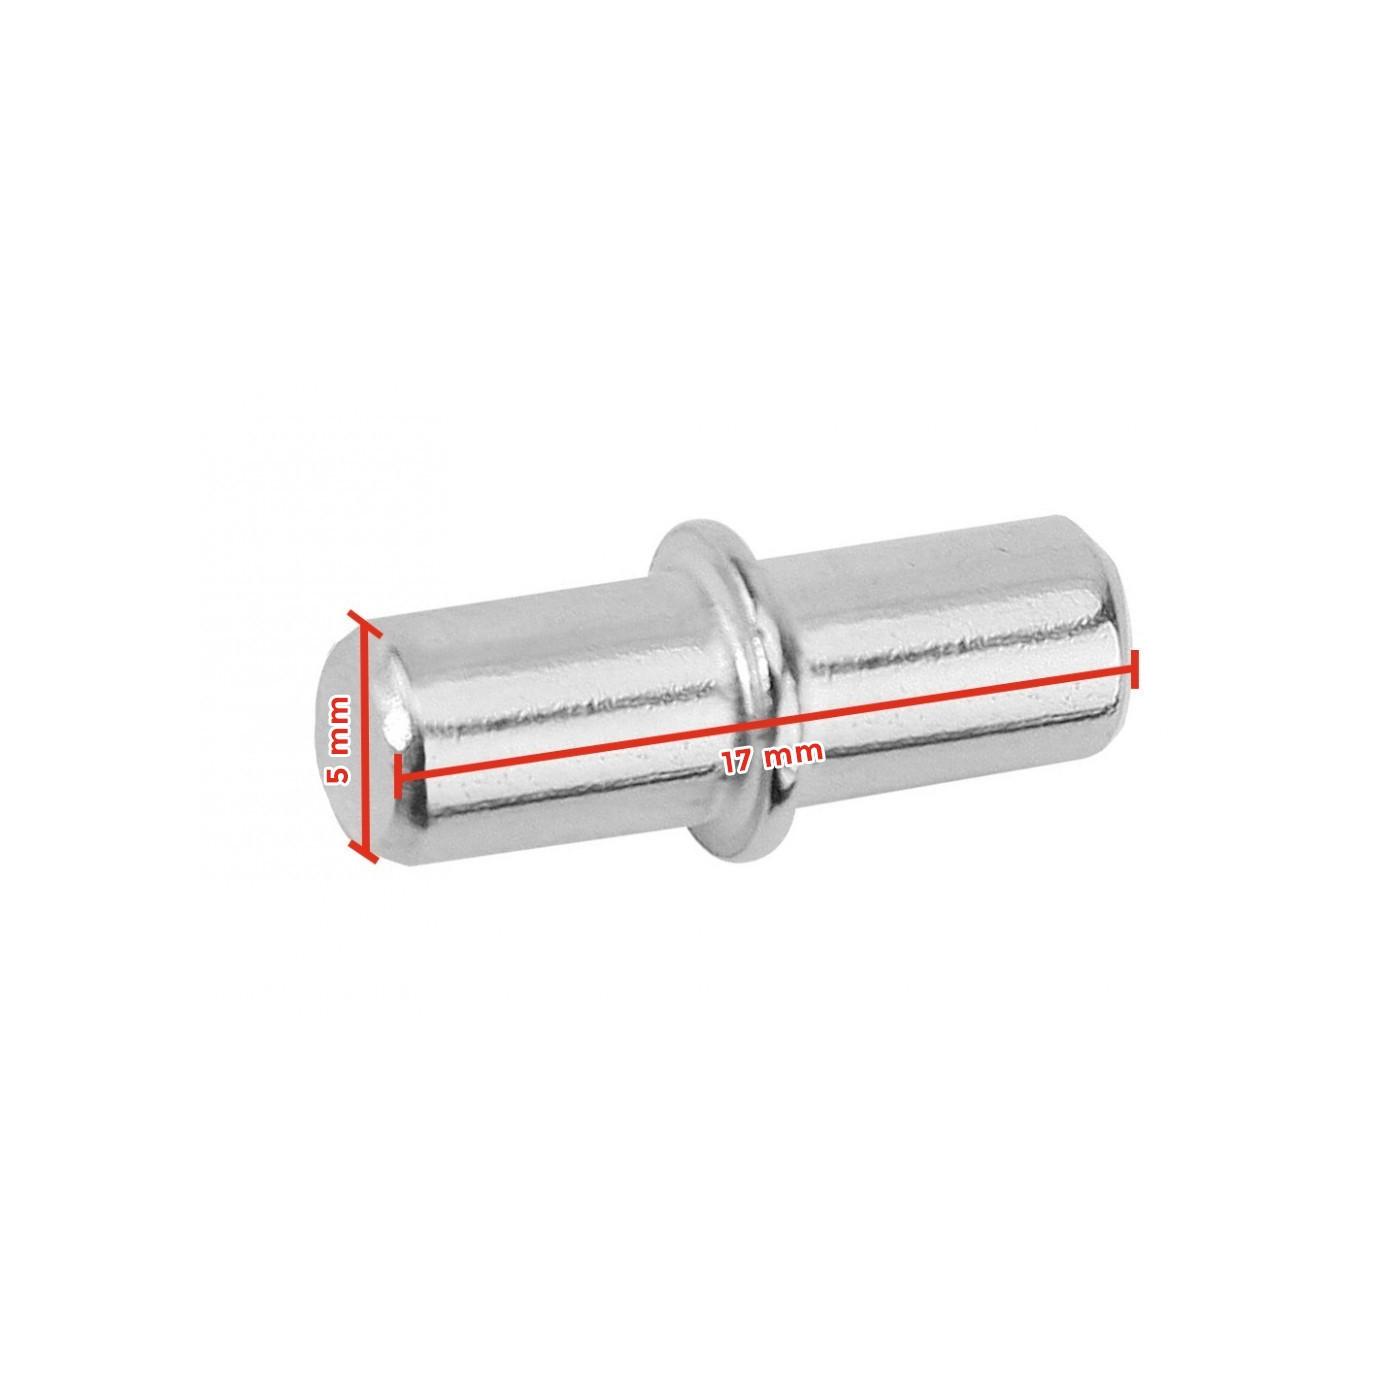 Conjunto de suportes para prateleiras (150 peças), pinos de metal, 5x17 mm  - 1